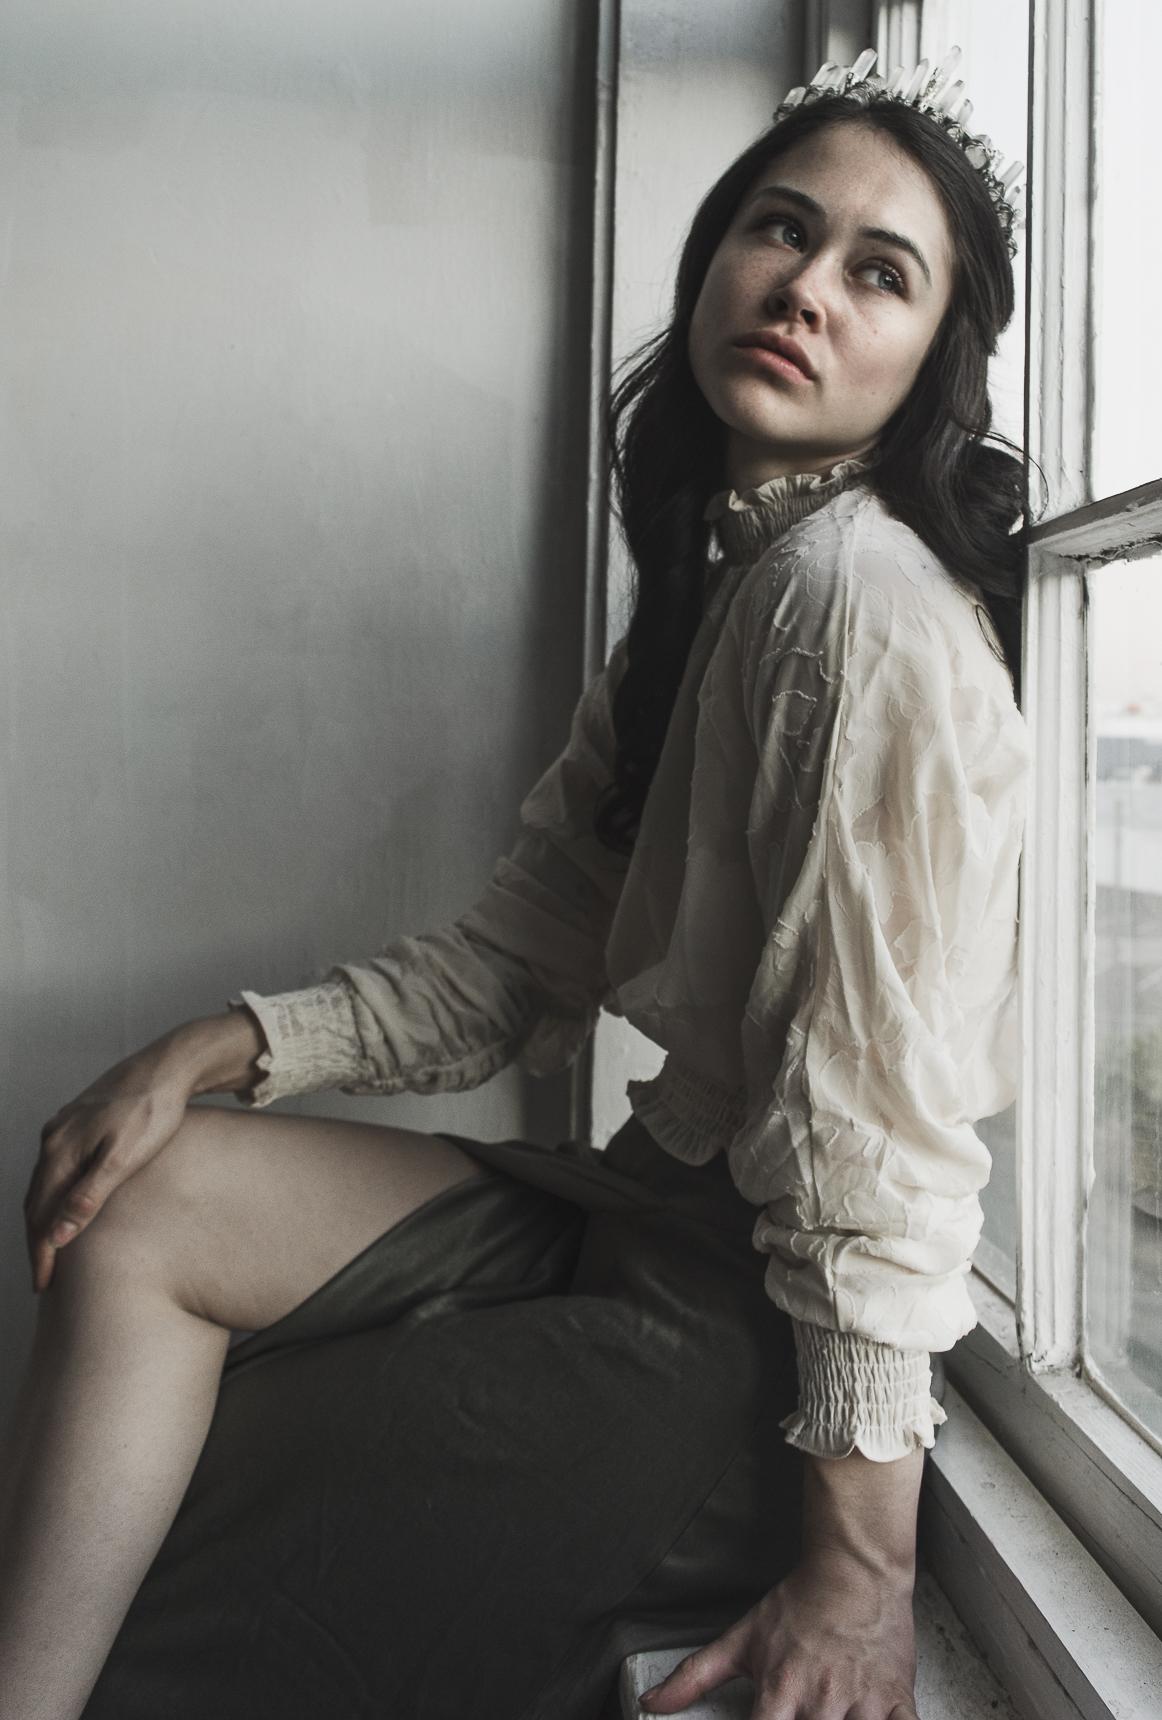 Jessica_Kaylee-4.jpg